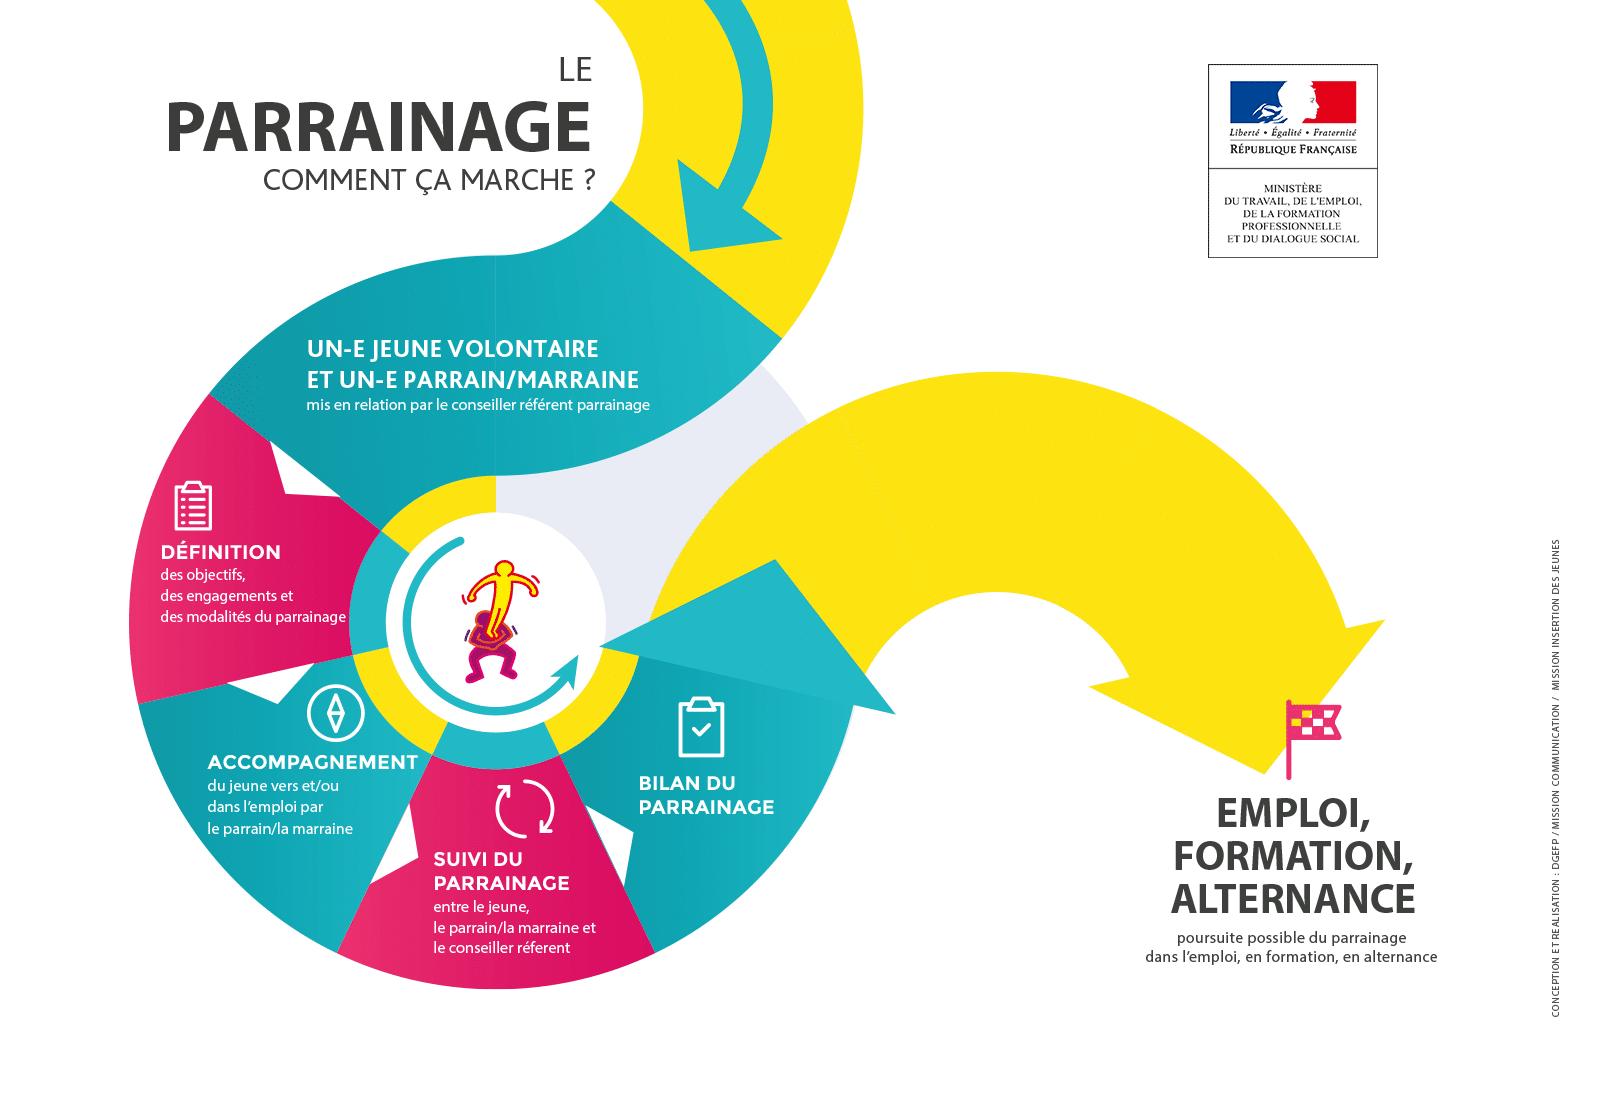 infographie-parrainage-principale